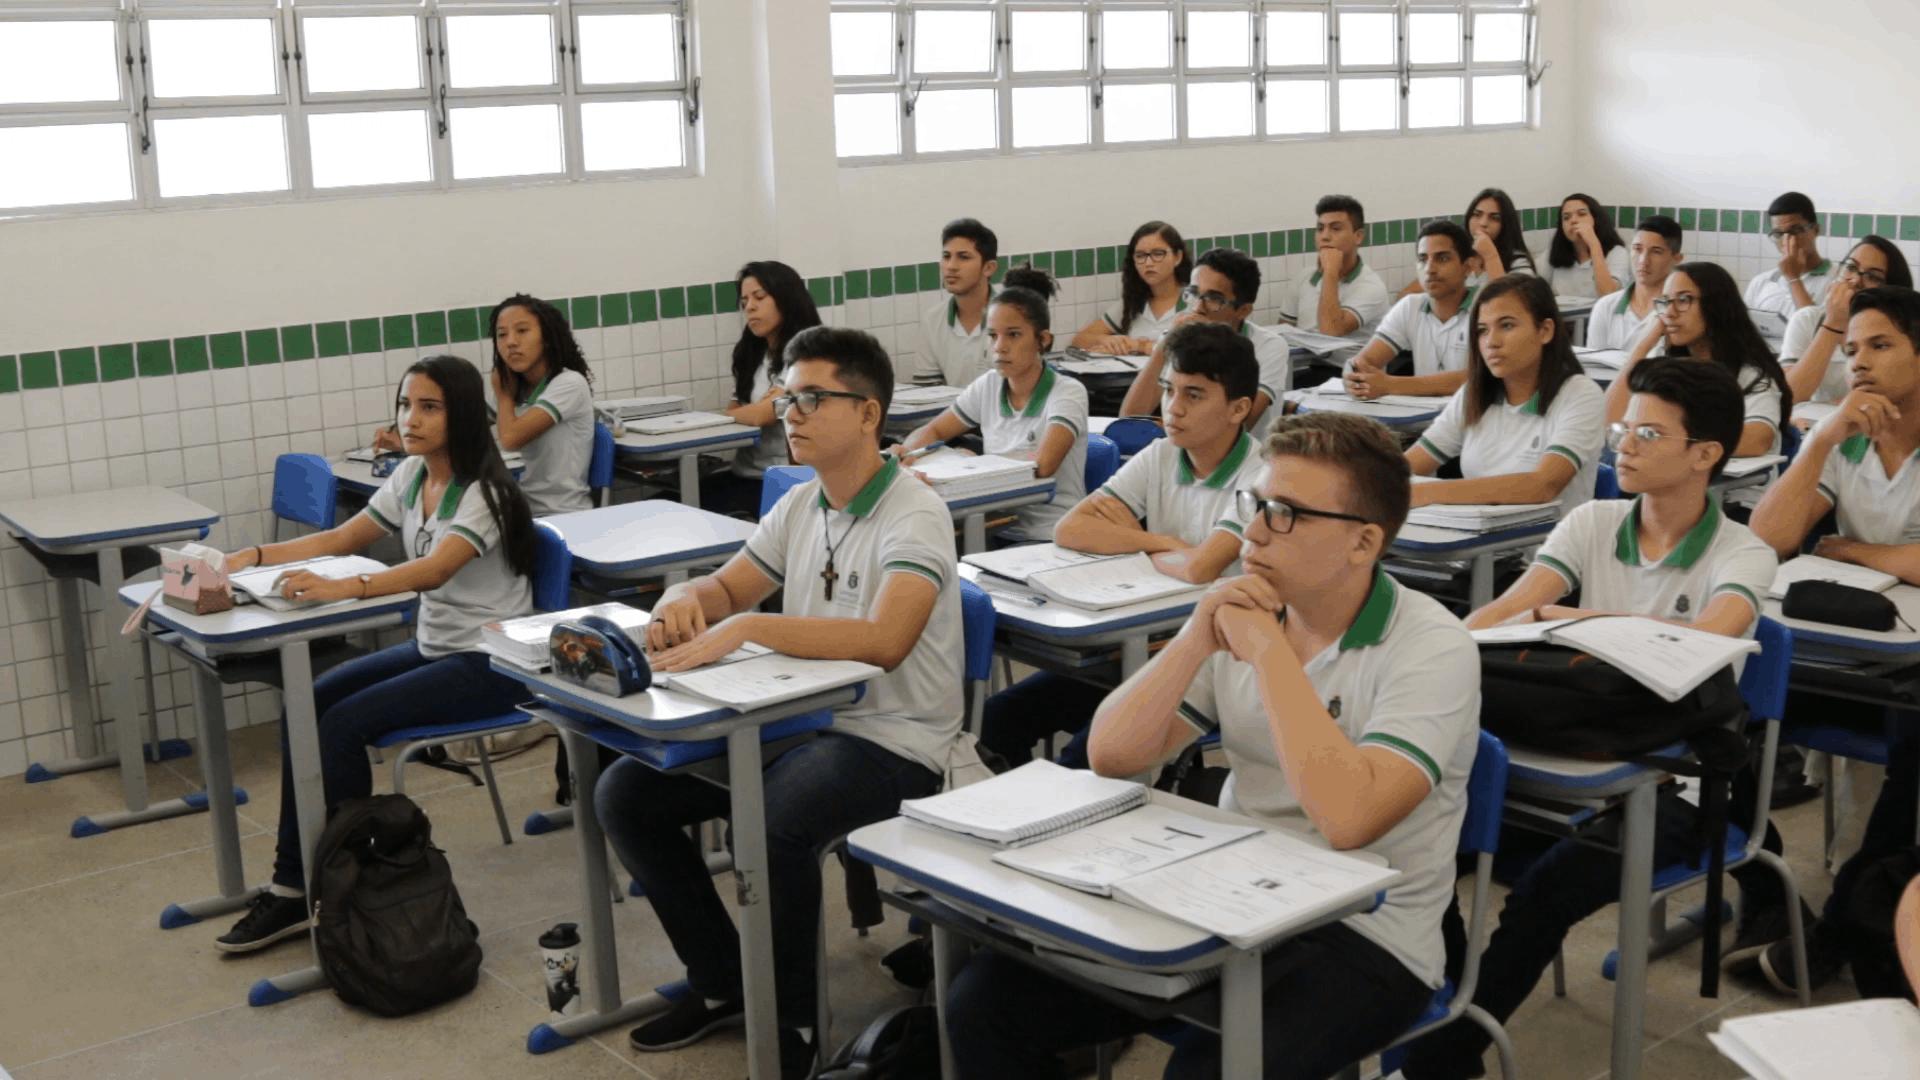 Cursos de educação profissional no Ceará serão retomados em 2021; entenda o motivo!